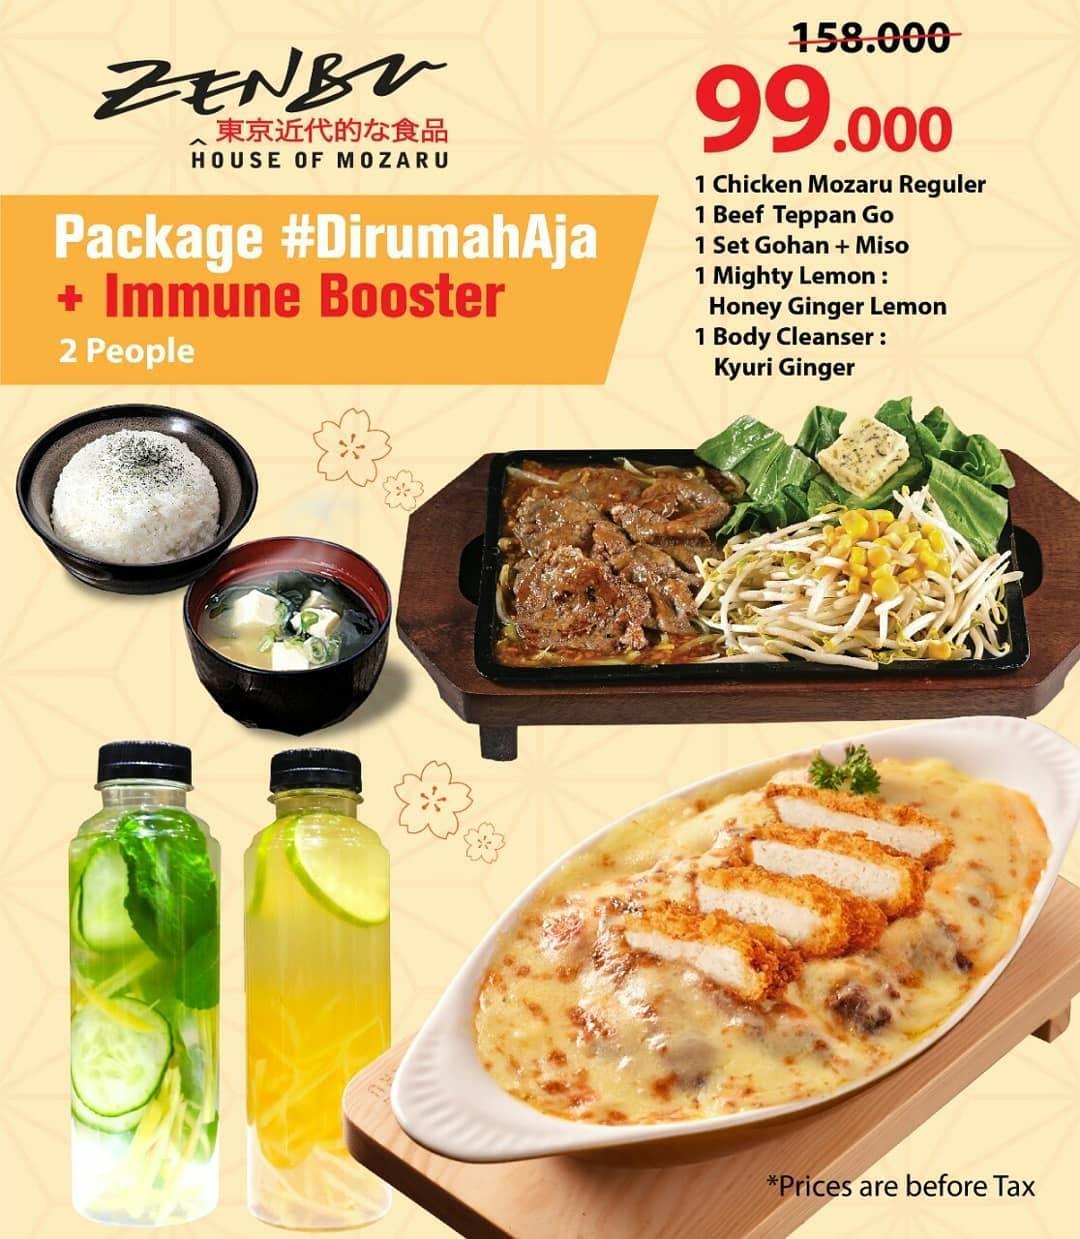 Diskon Zenbu Promo Delivery Harga Spesial Mulai Dari Rp. 99.000